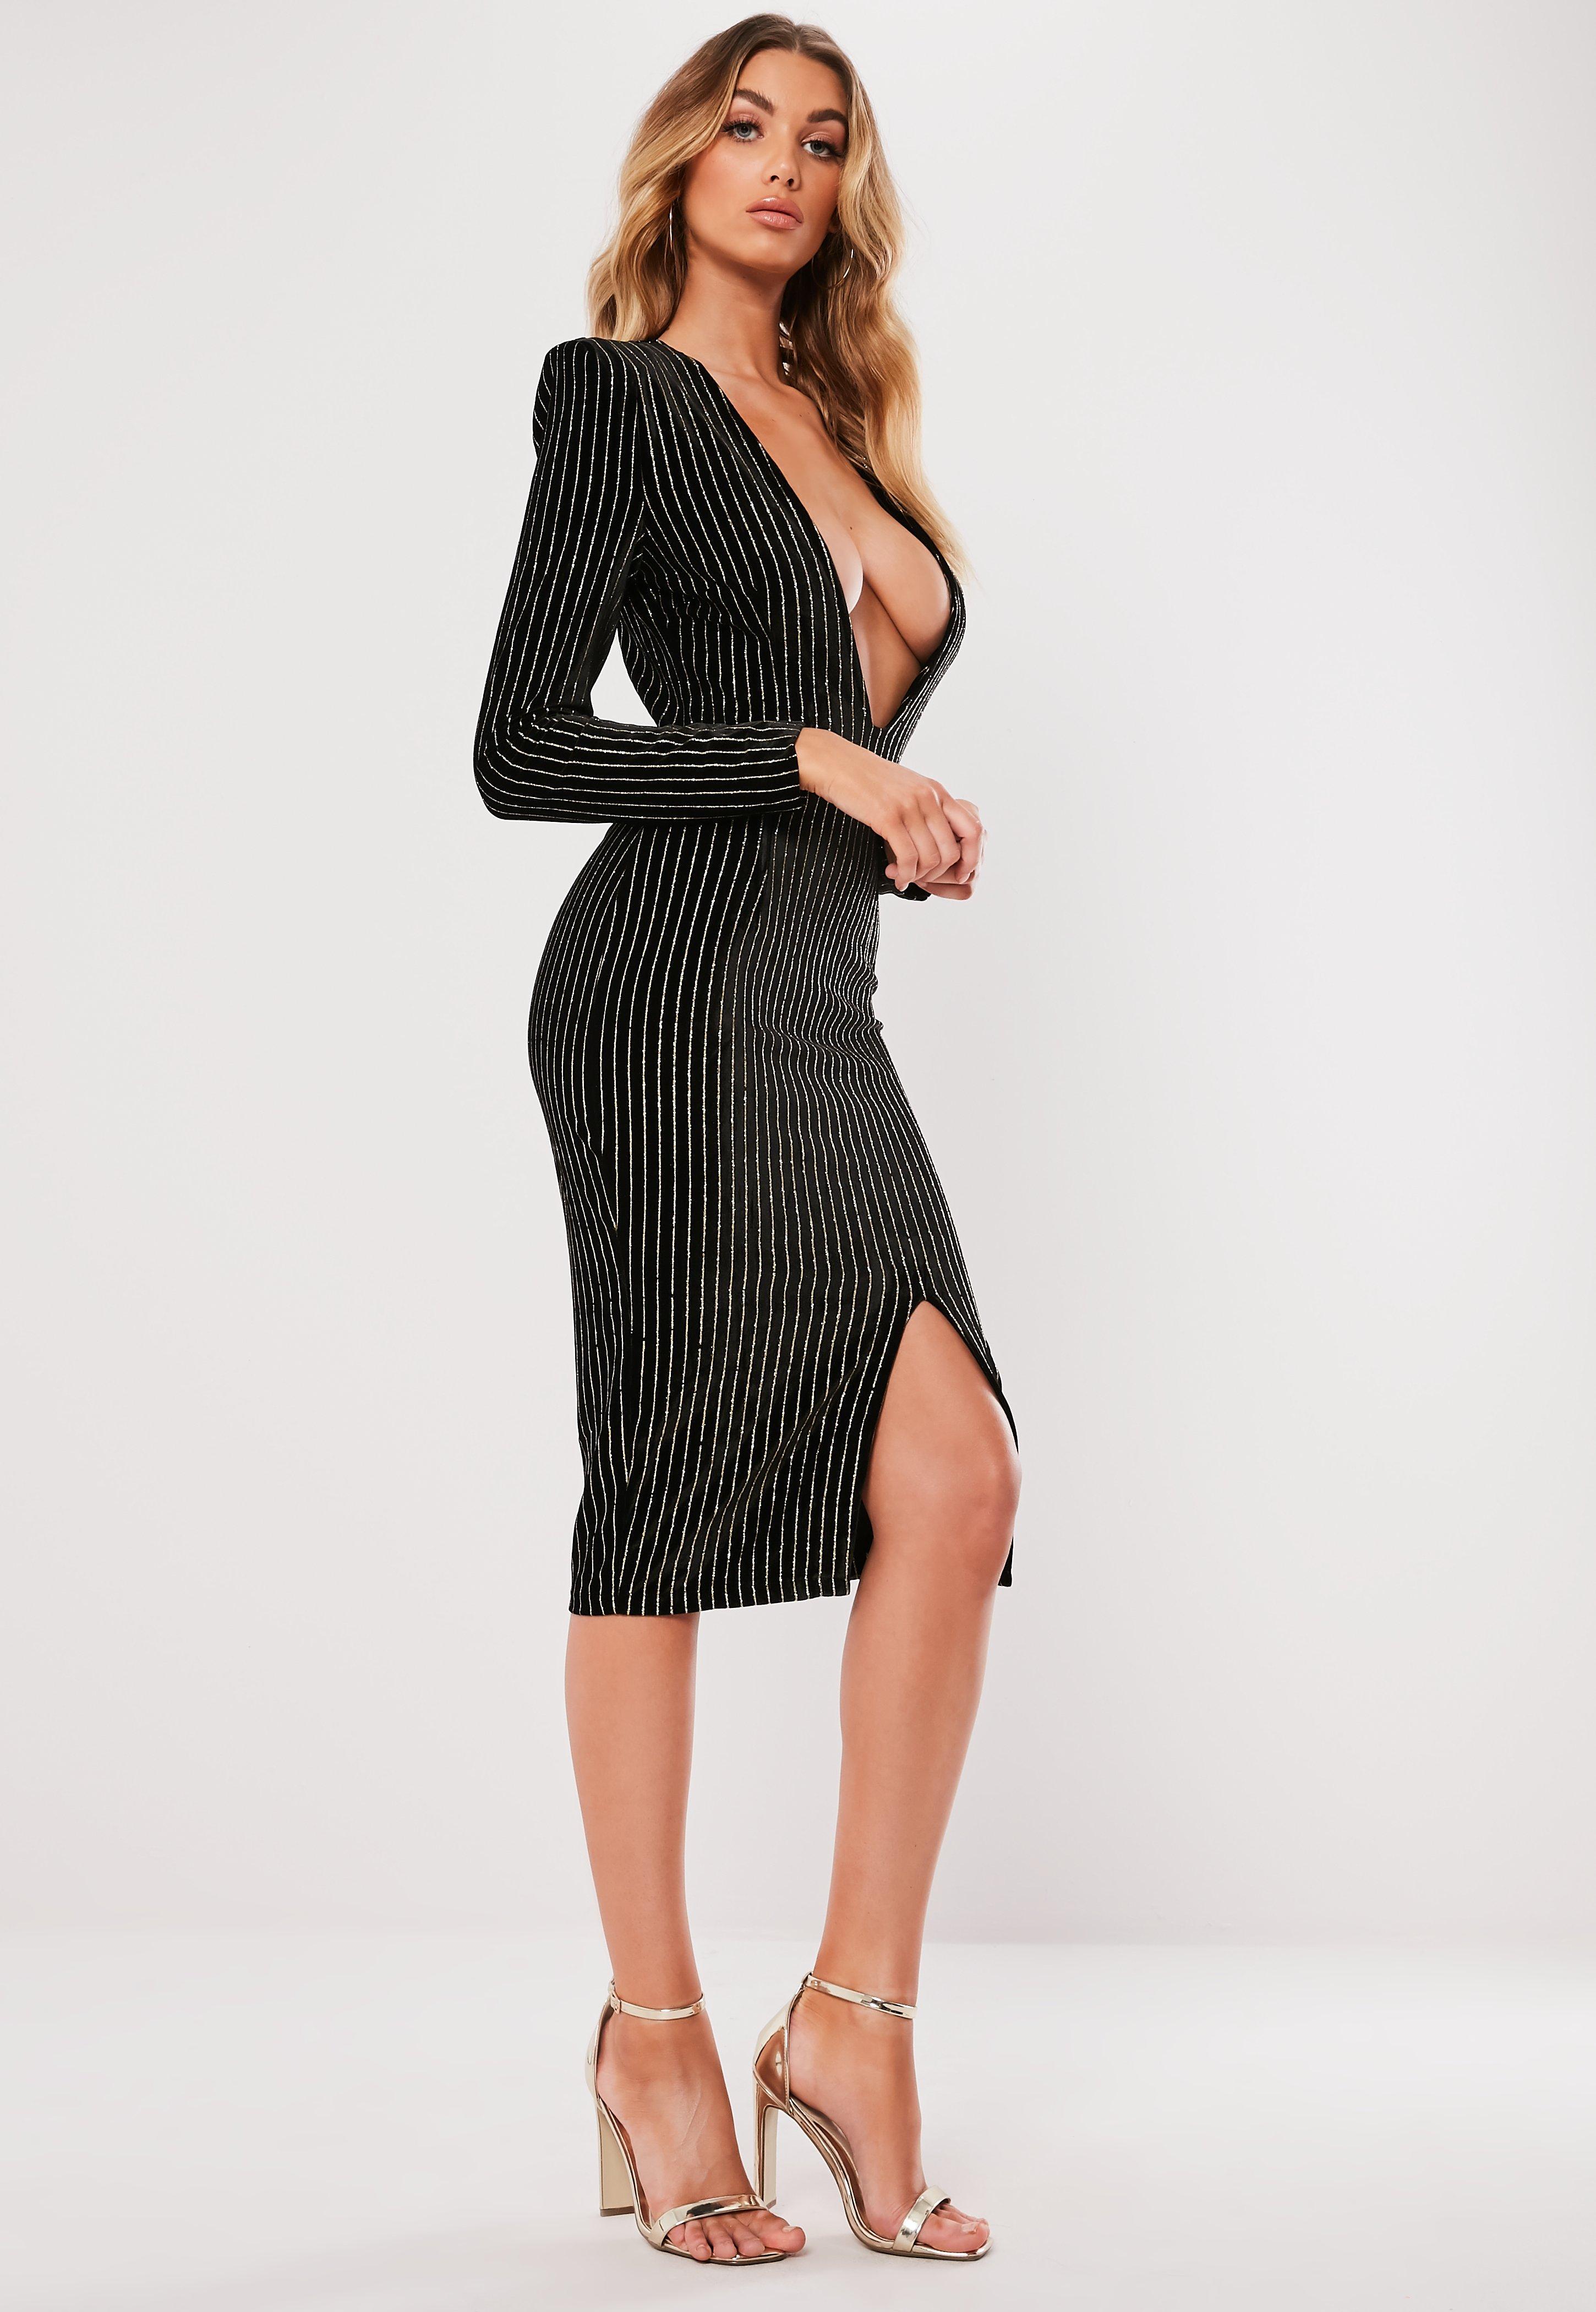 Soldes   Vêtement   mode femme pas cher - Missguided f252fe7ecc8d